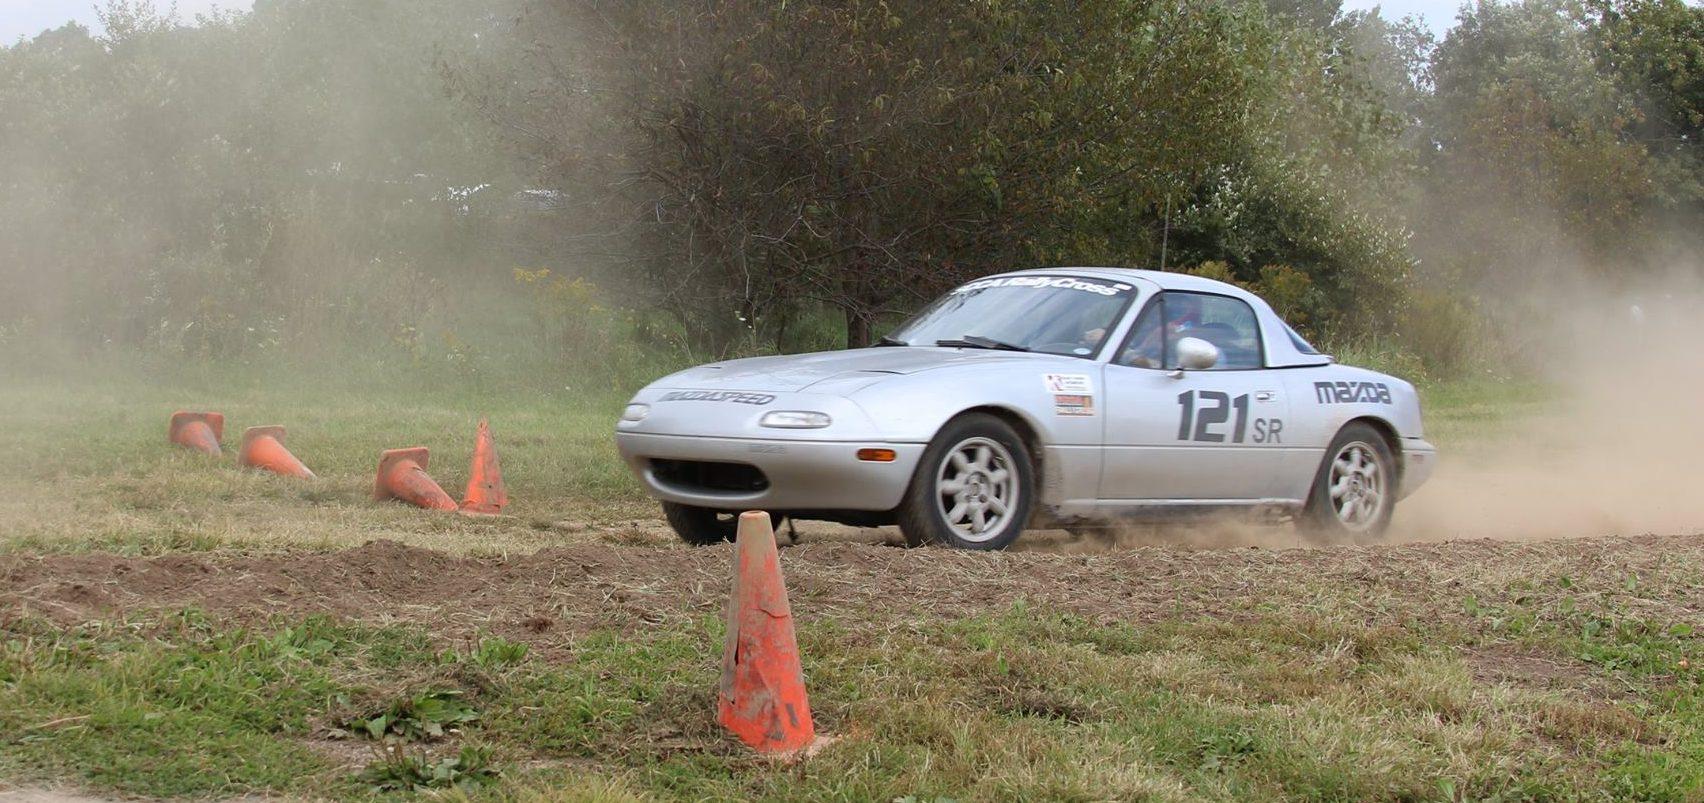 Rallycross – Detroit Region SCCA